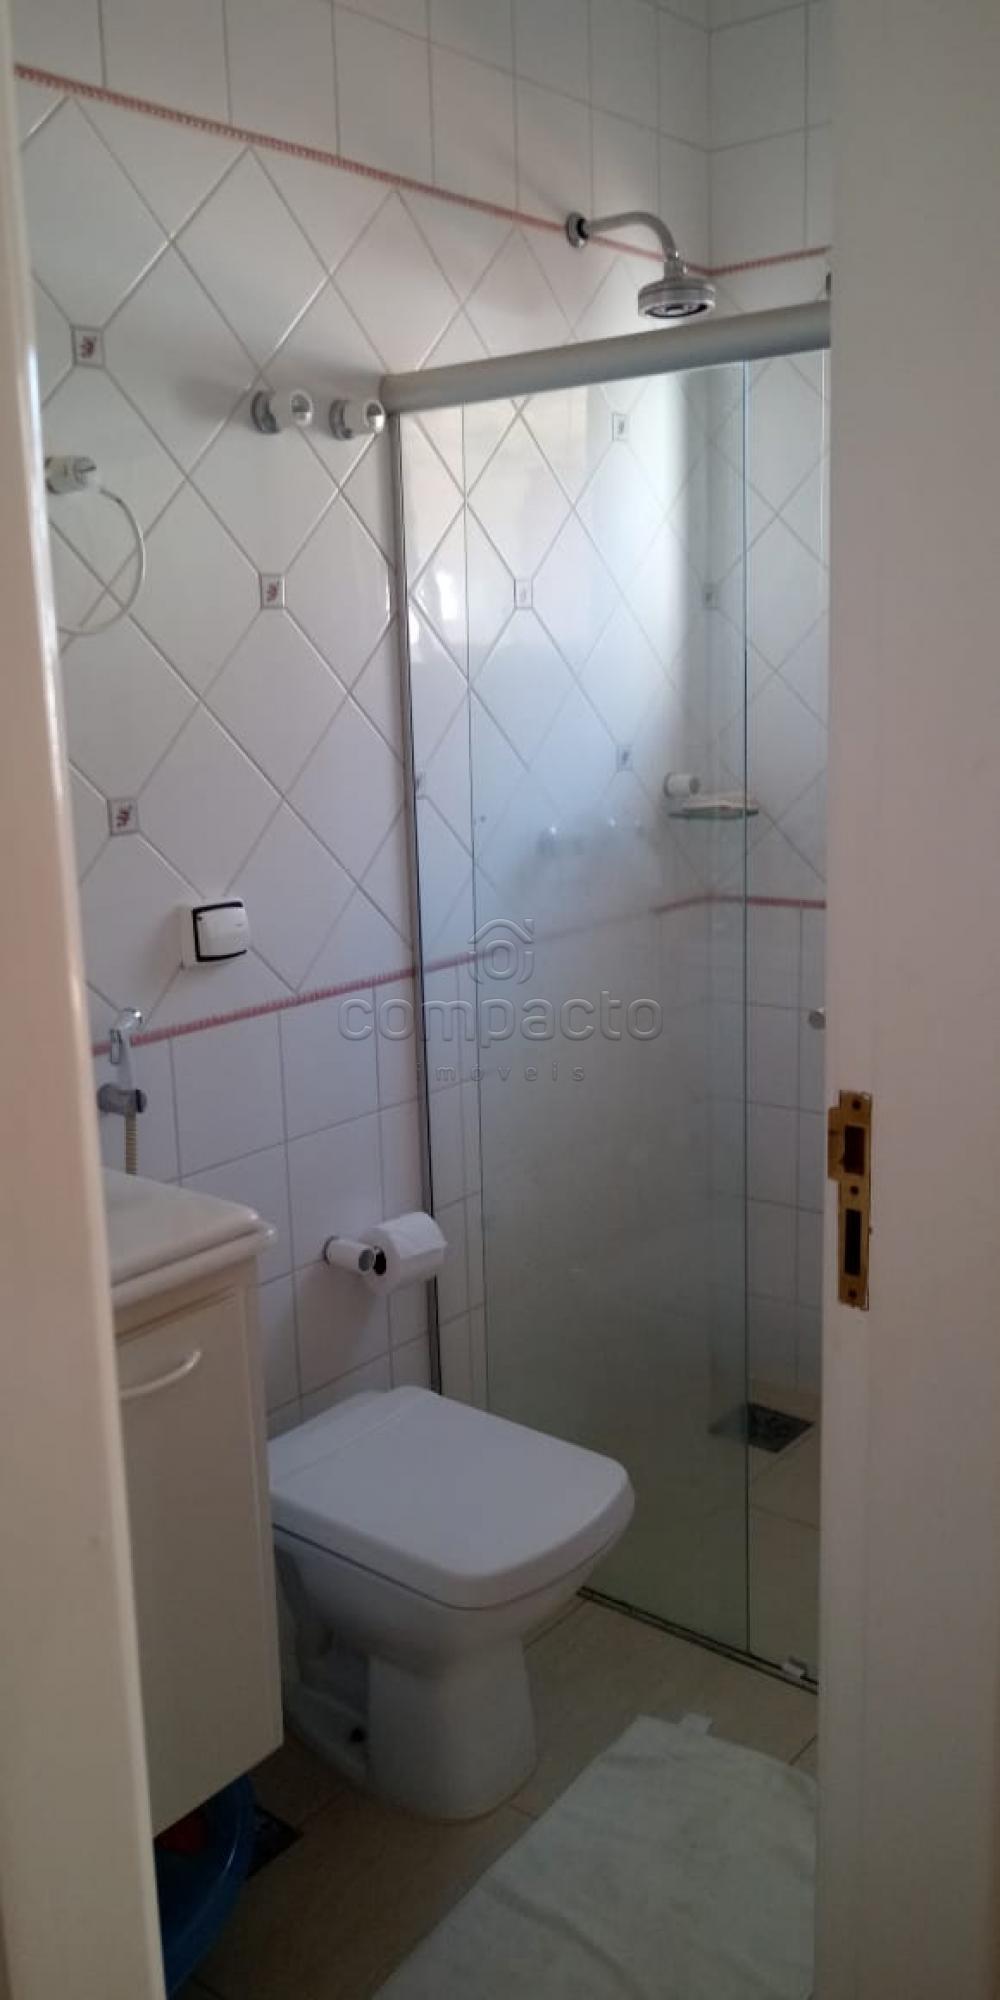 Alugar Casa / Condomínio em São José do Rio Preto apenas R$ 10.000,00 - Foto 22